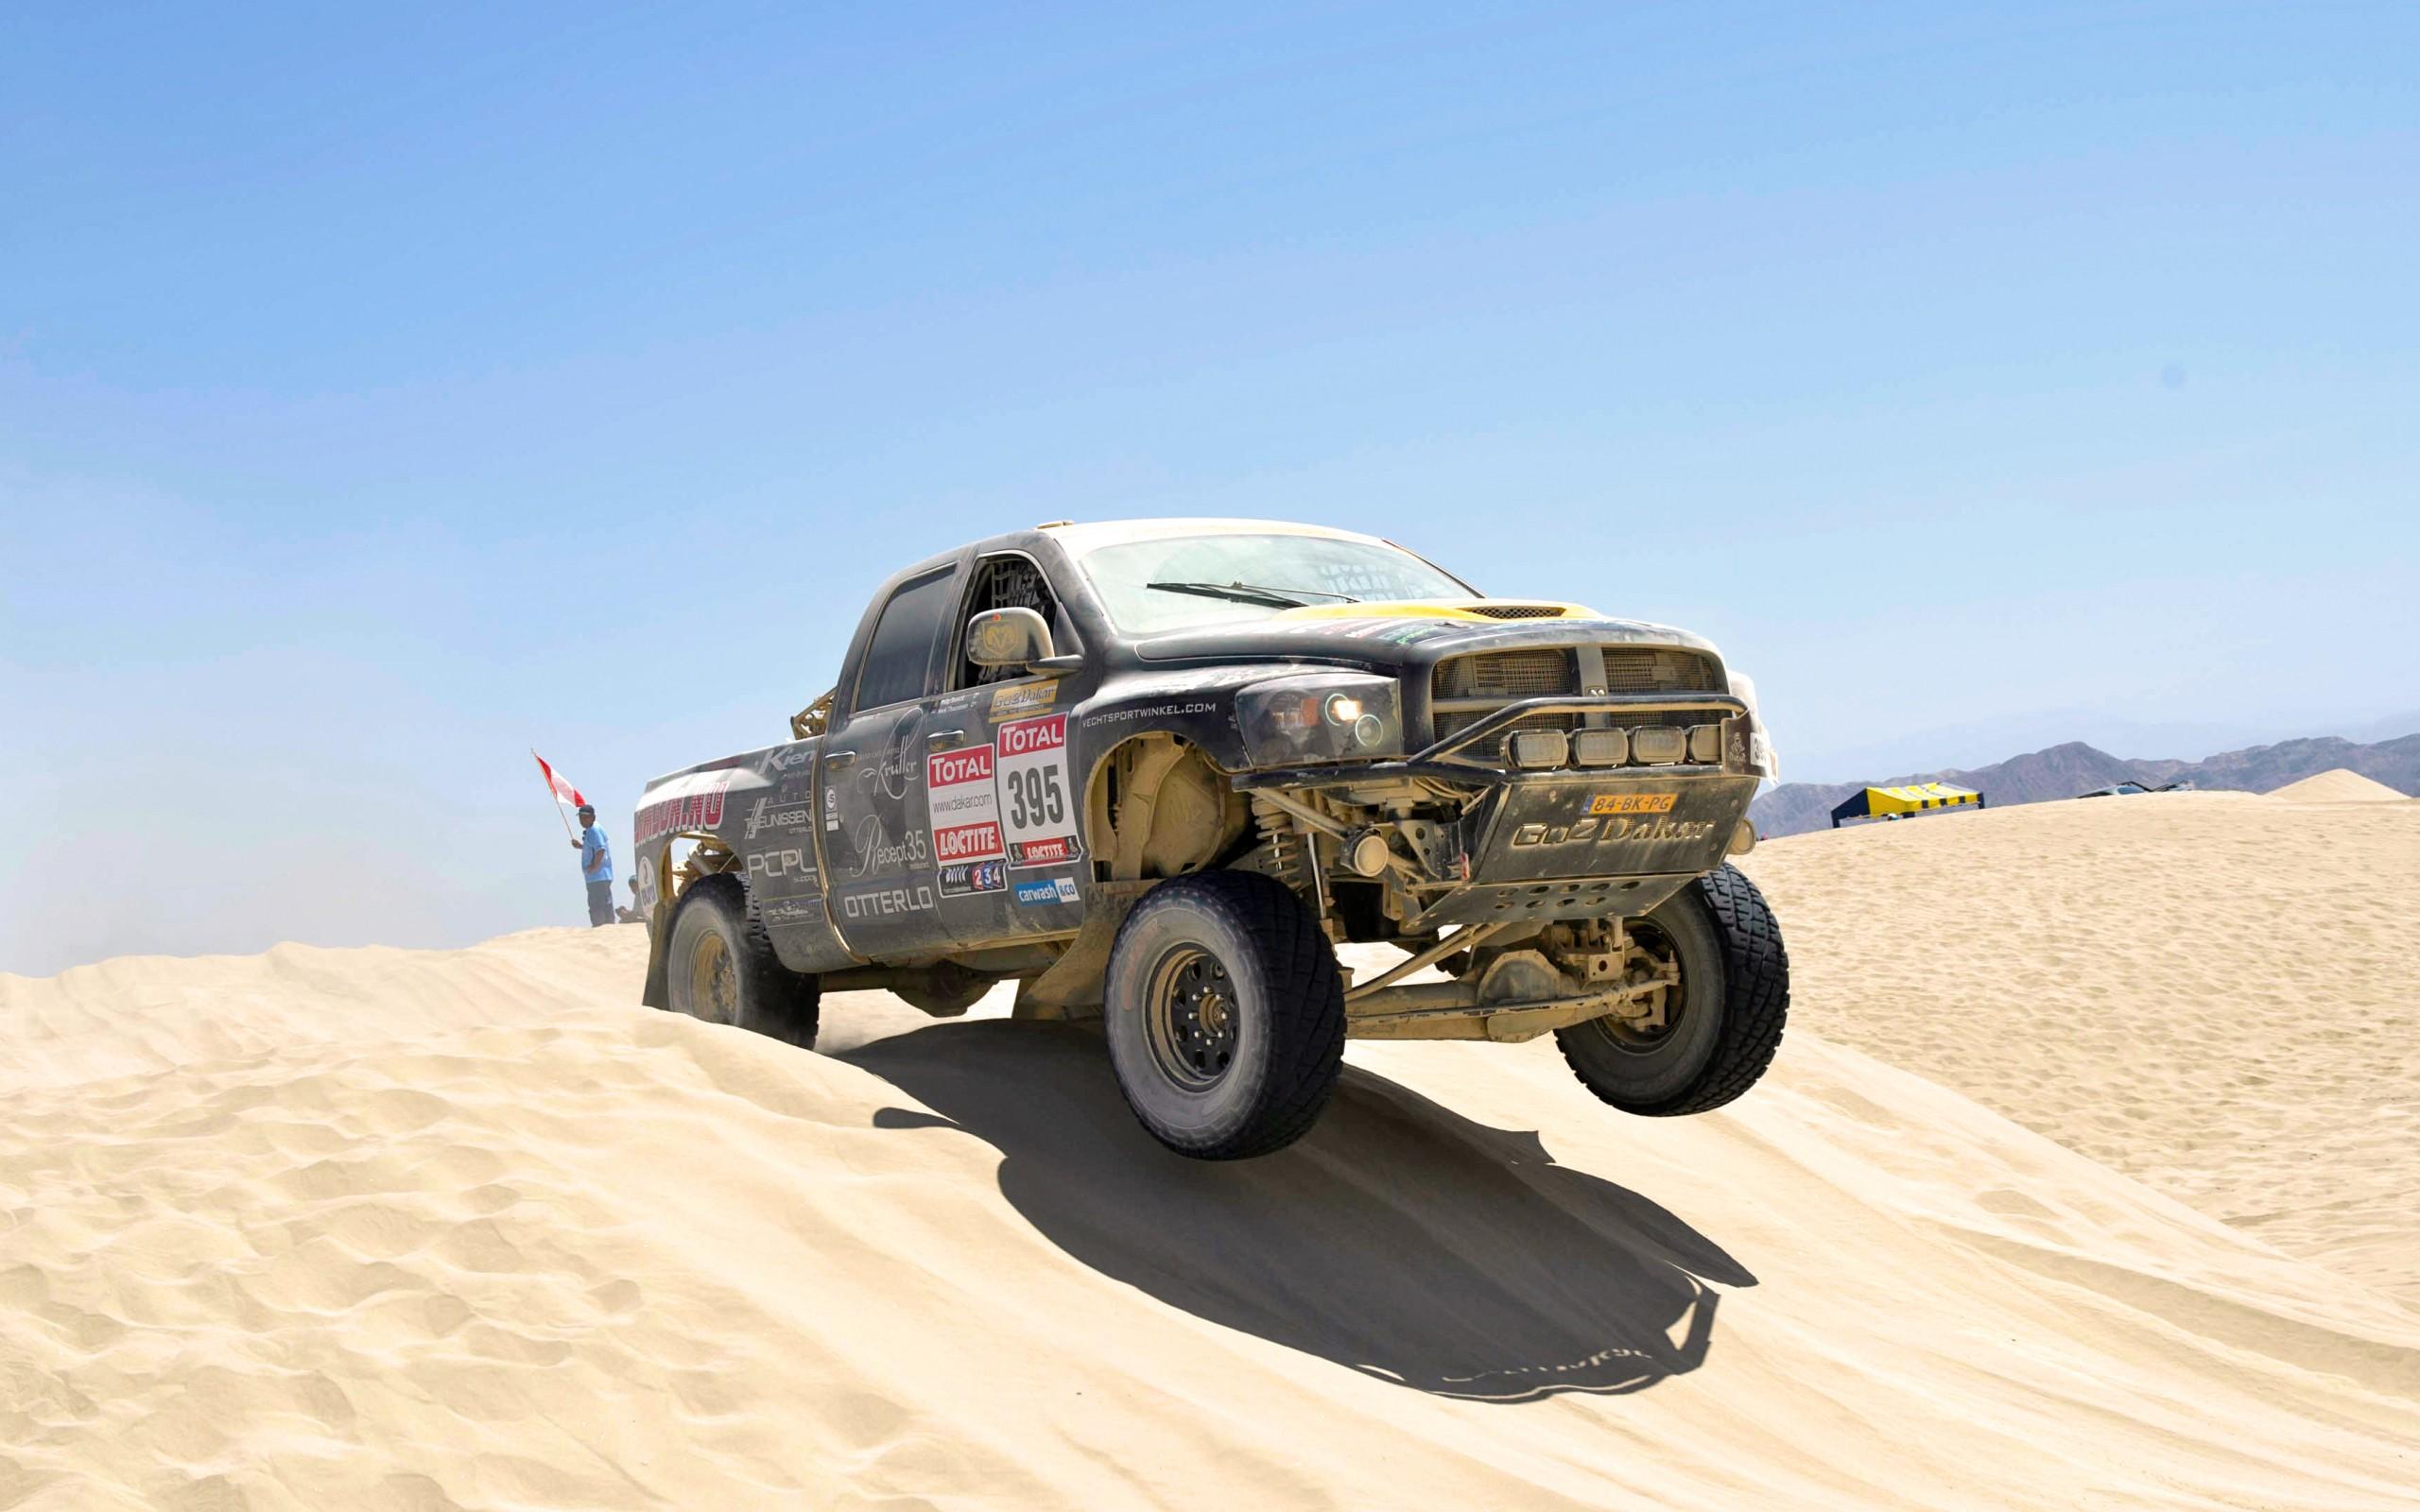 квадроцикл песок пустыня бесплатно